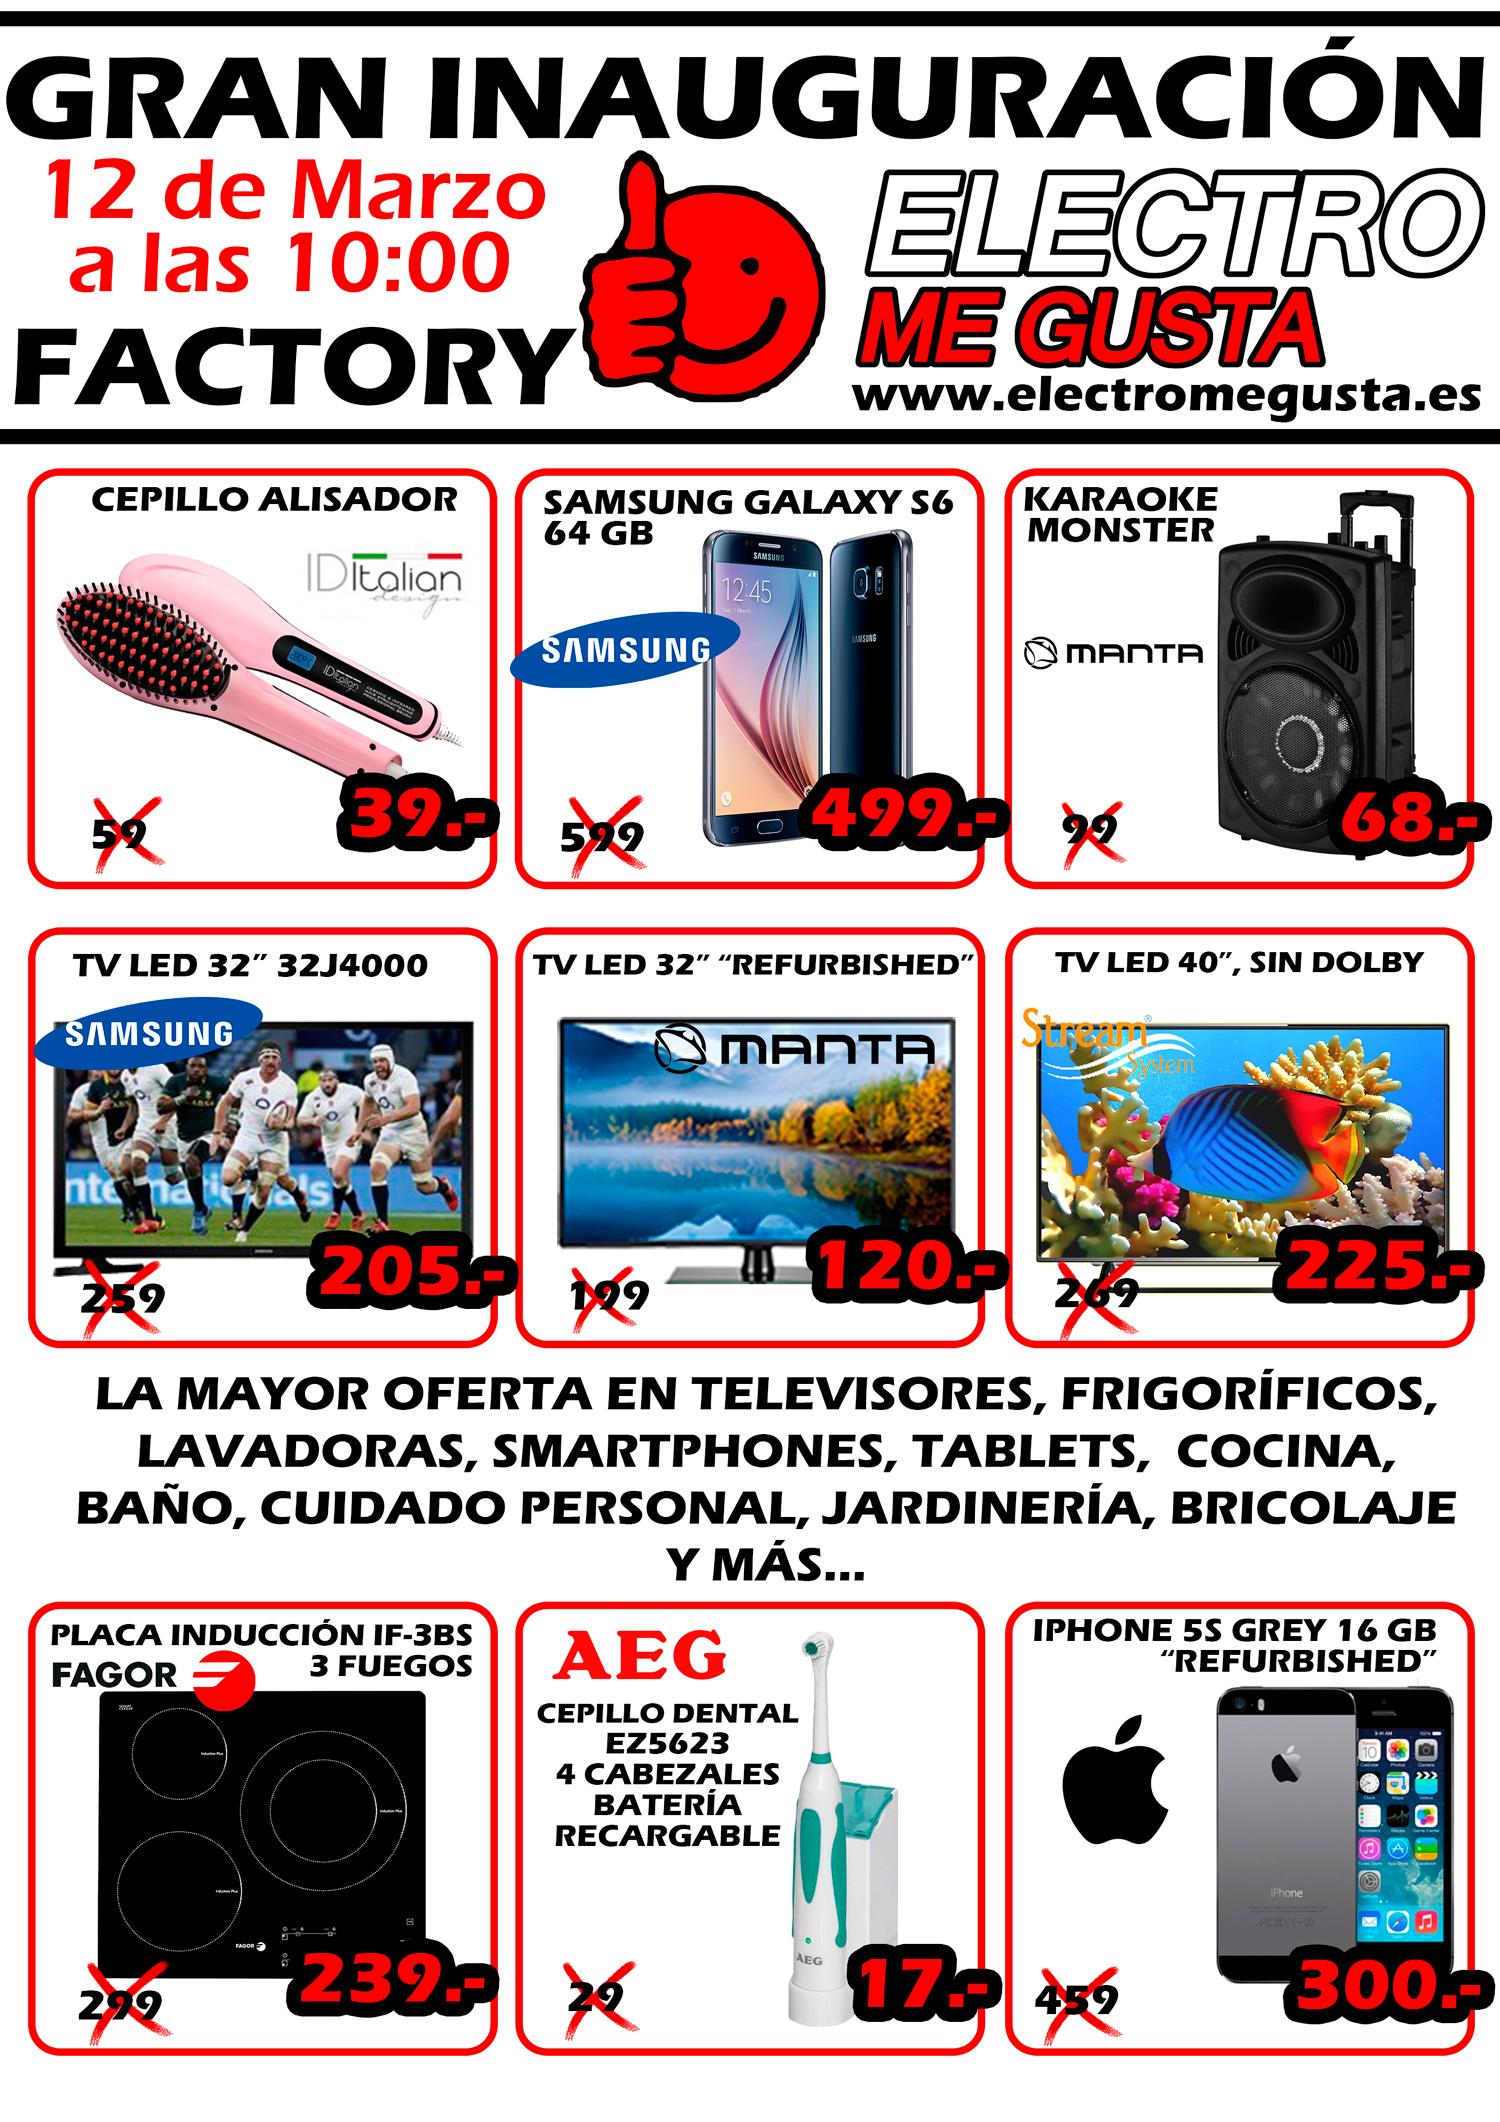 Electromegusta_Catálogo_Portada